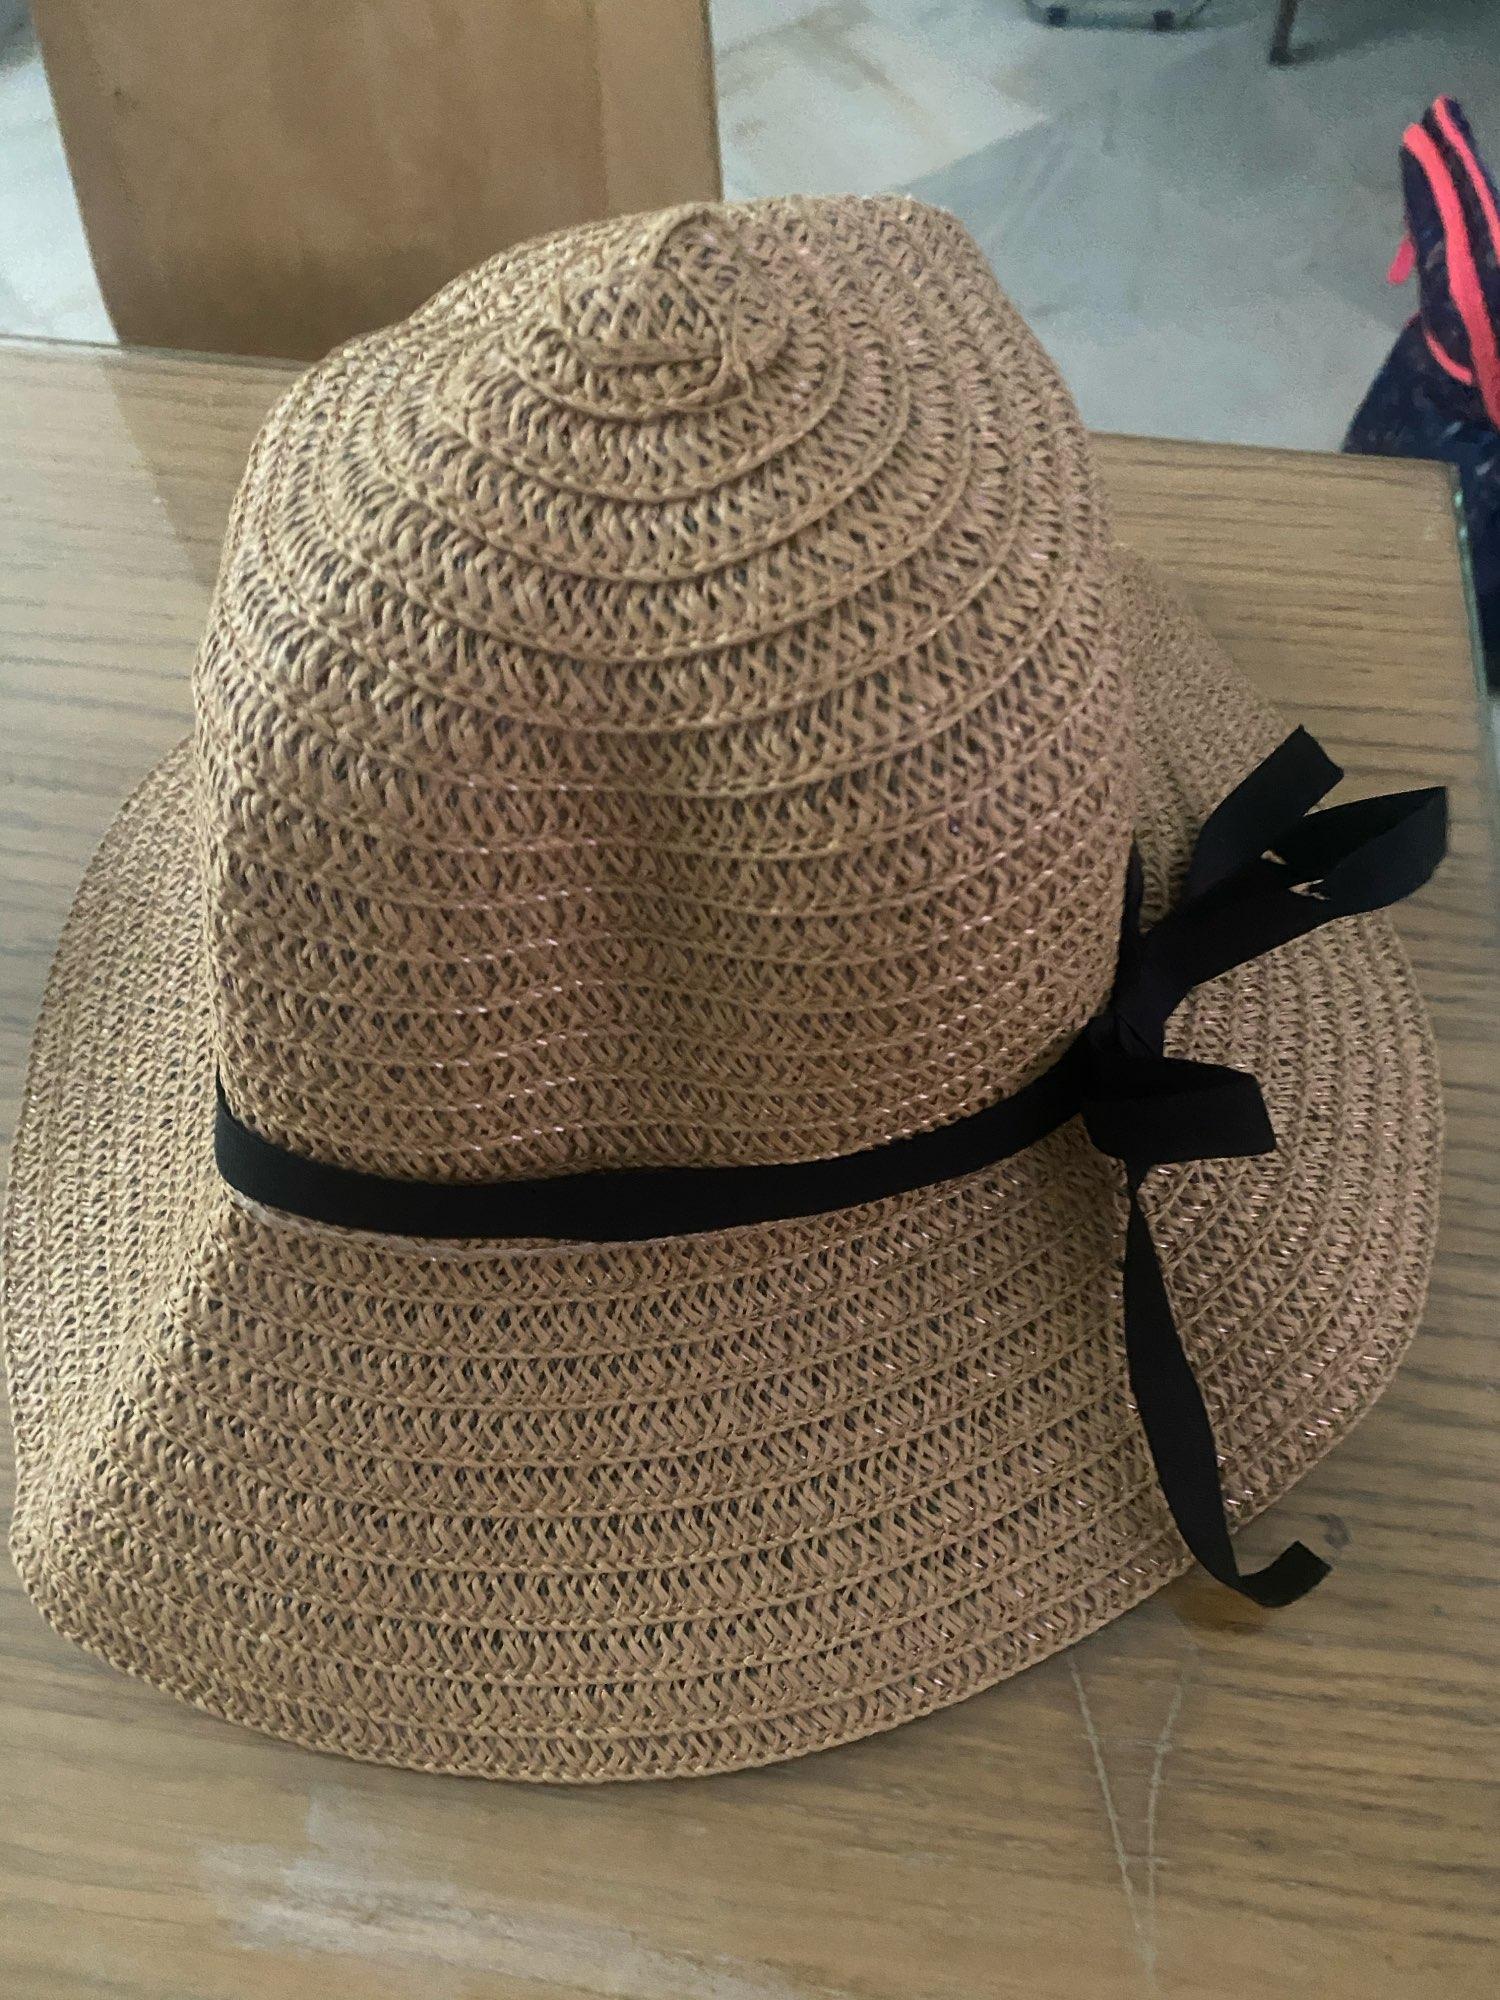 sombrero  de paja tejida para tus playas favoritas envio gratis